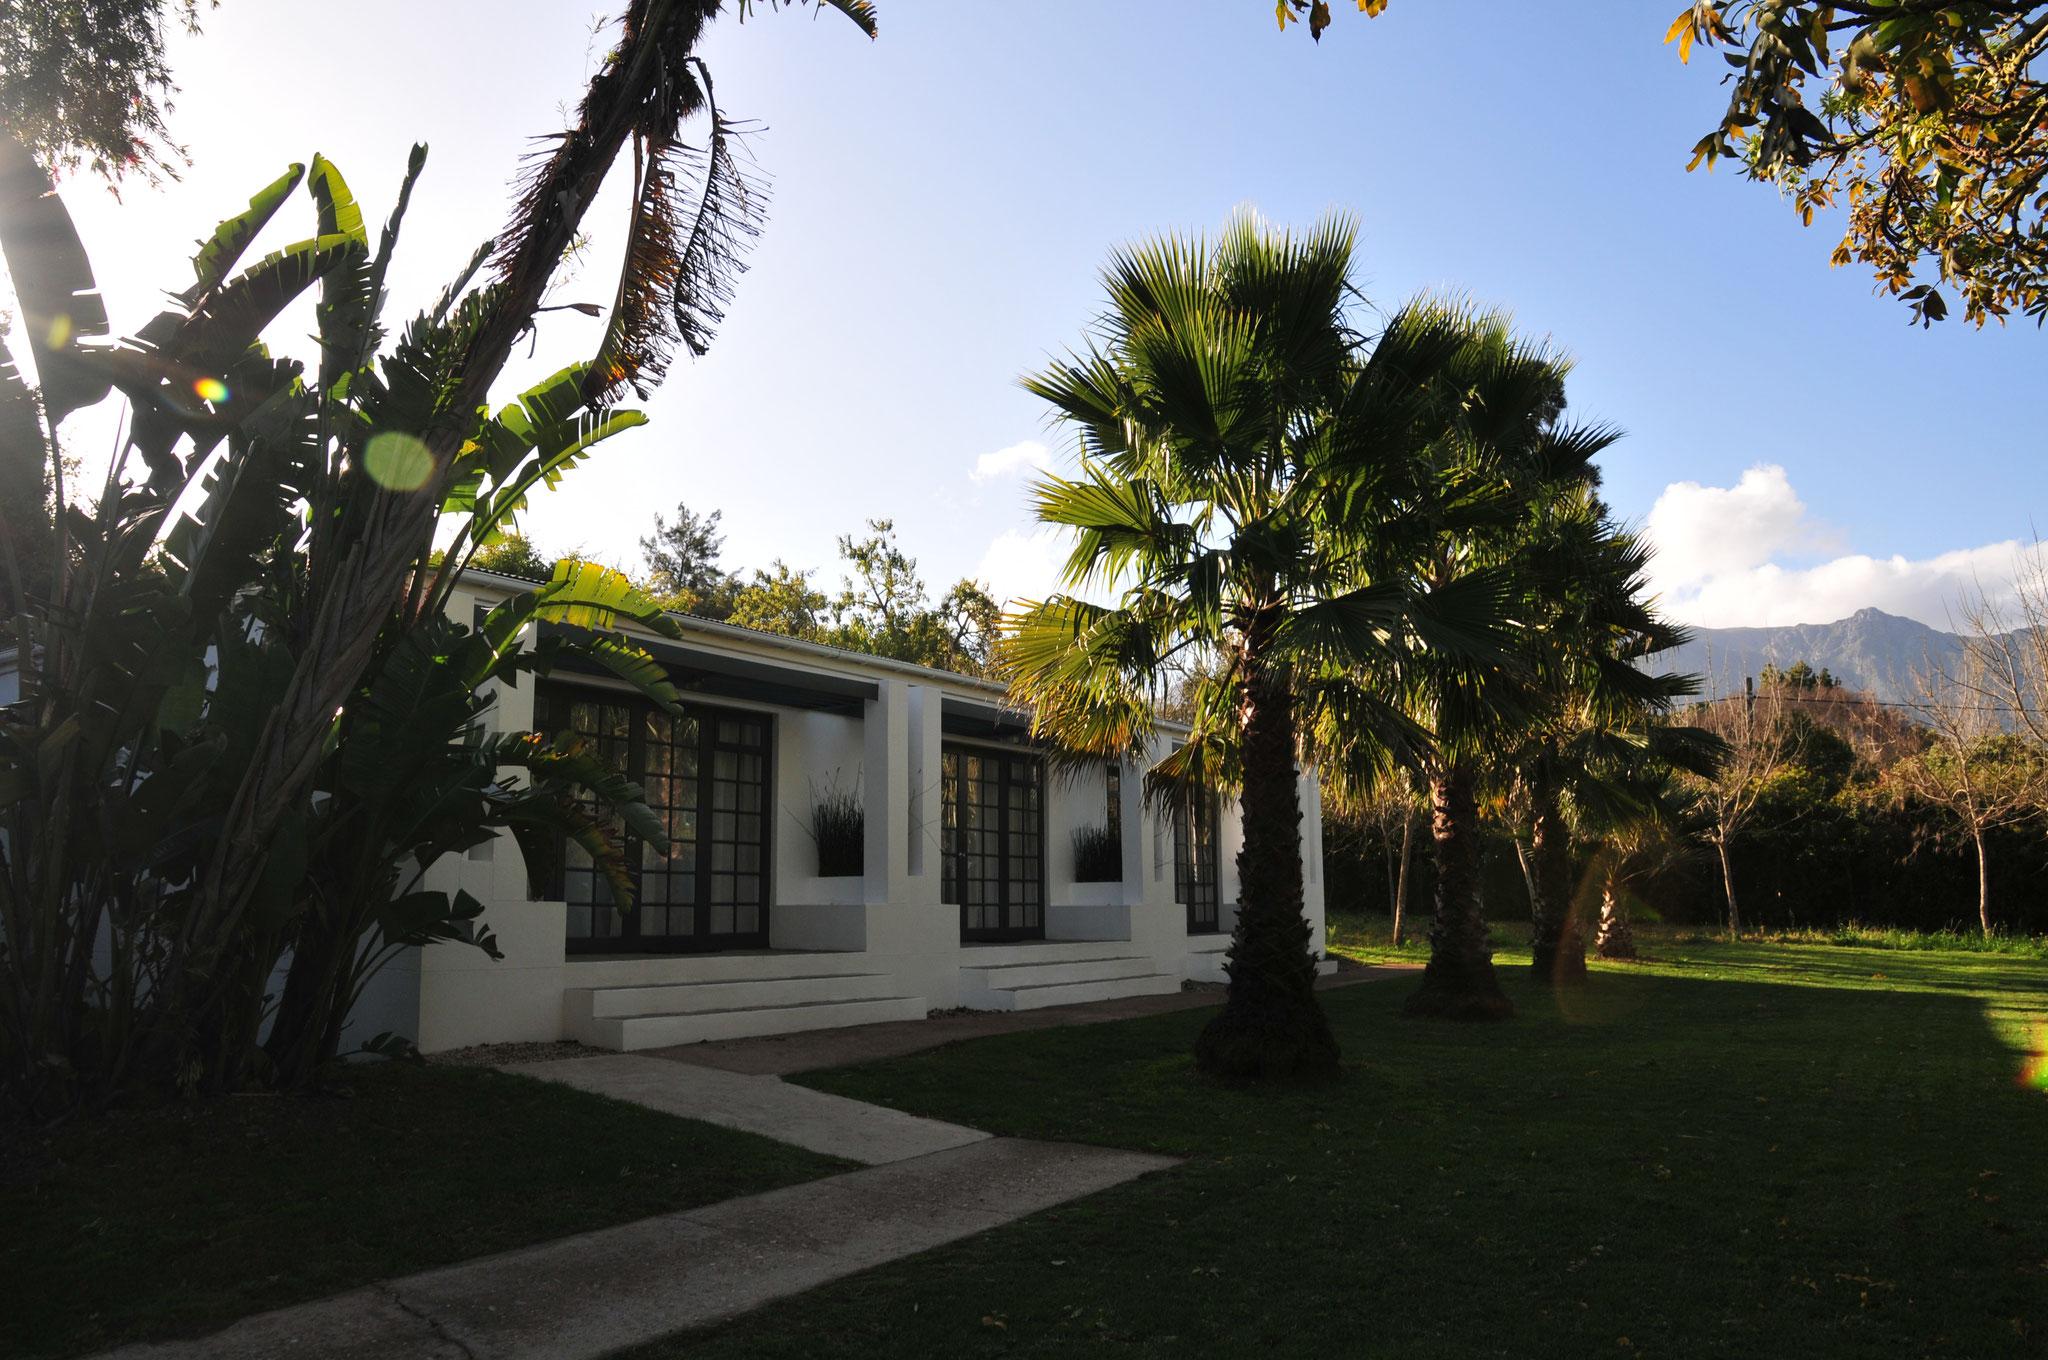 ...zum Bloomestate luxury guesthouse - absolut empfehlenswert